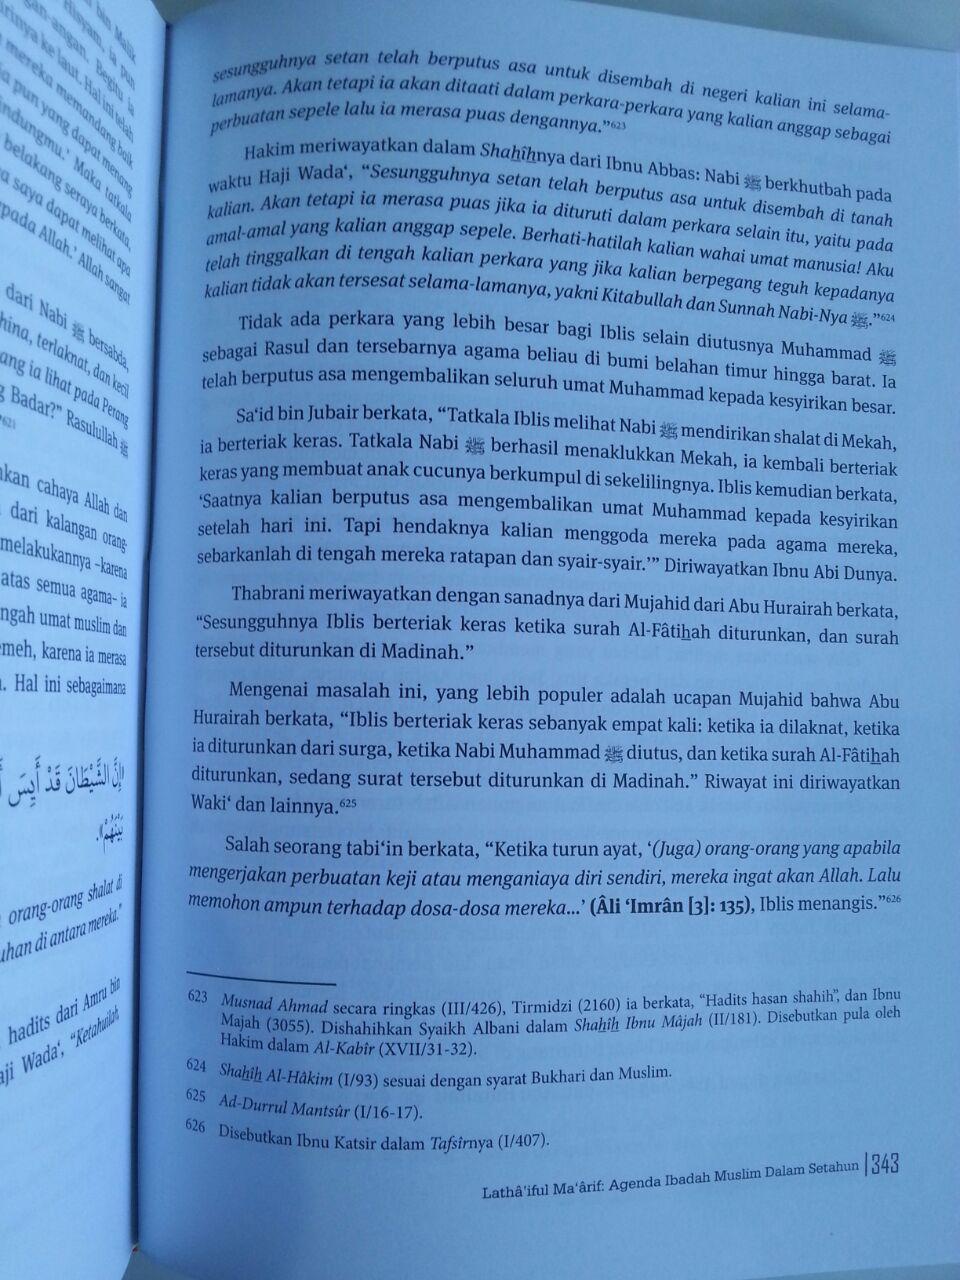 Buku Lathaiful Maarif Agenda Ibadah Muslim Dalam Setahun isi 3